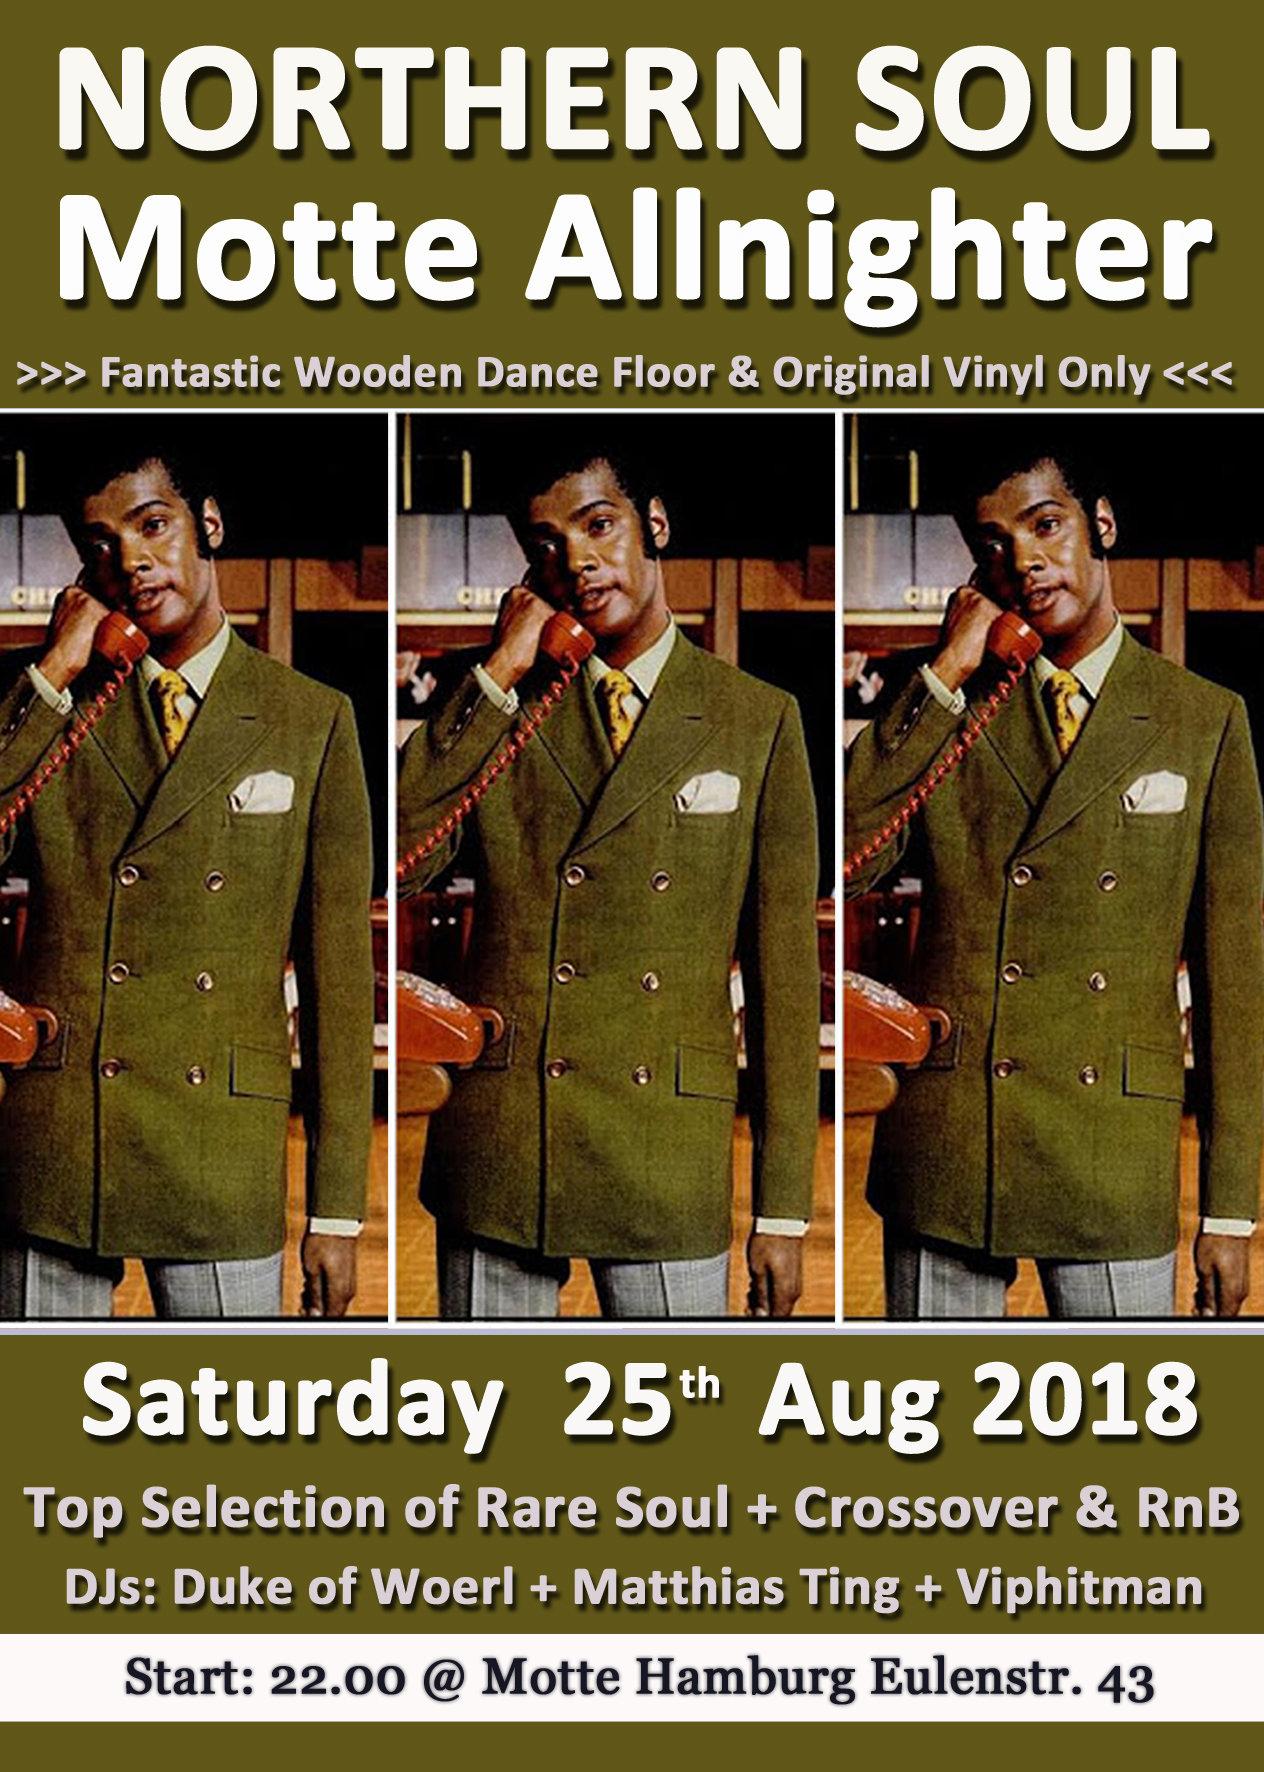 Motte Allnighter flyer